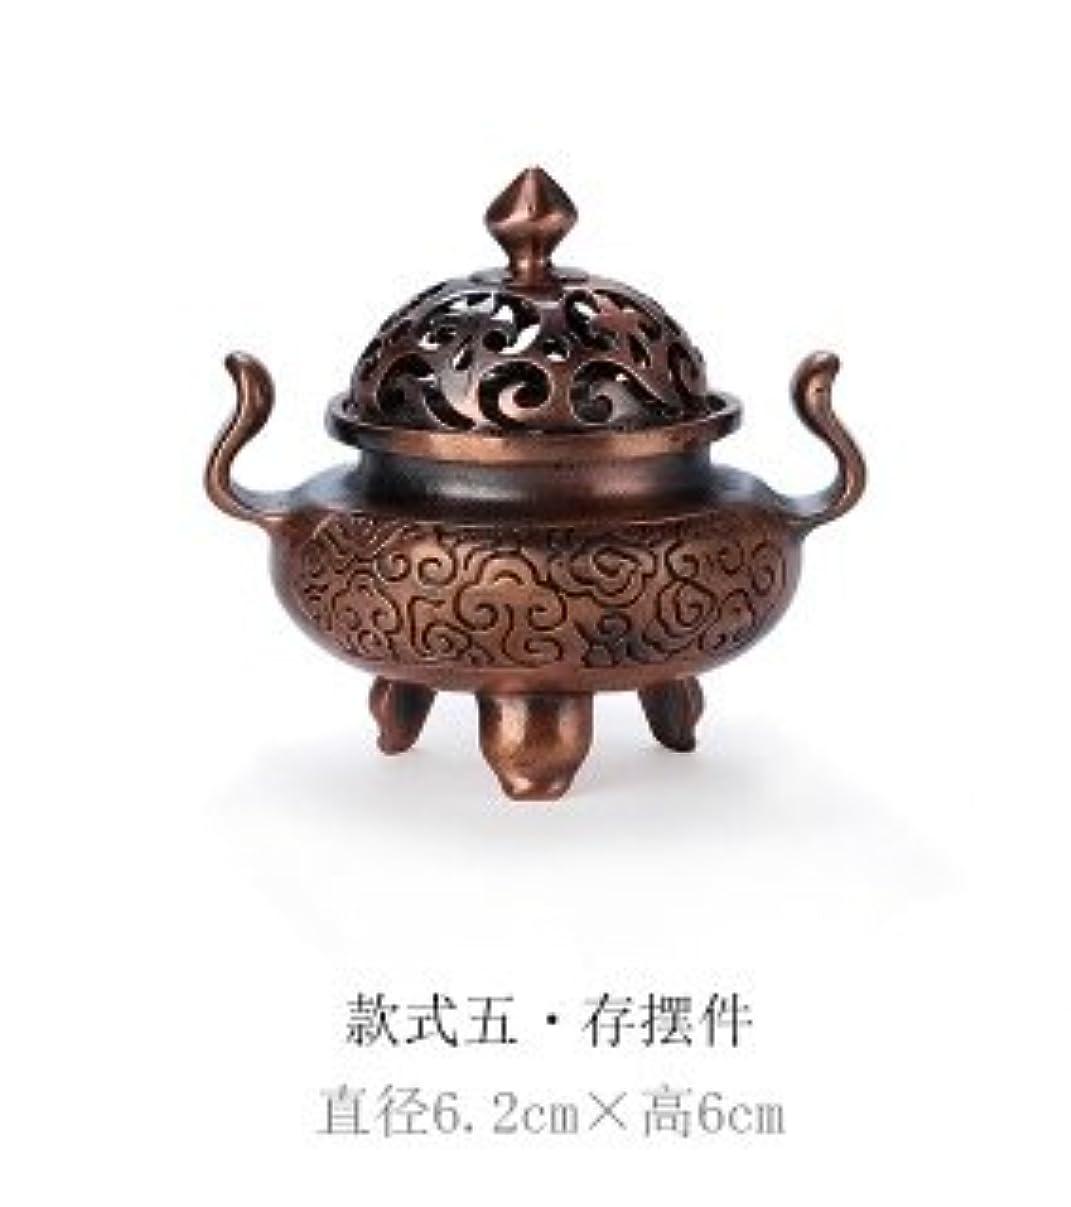 会社落胆した聖域金属镂空檀香香炉 功夫茶具 アクセサリー茶装飾 线香香炉 (銅色)